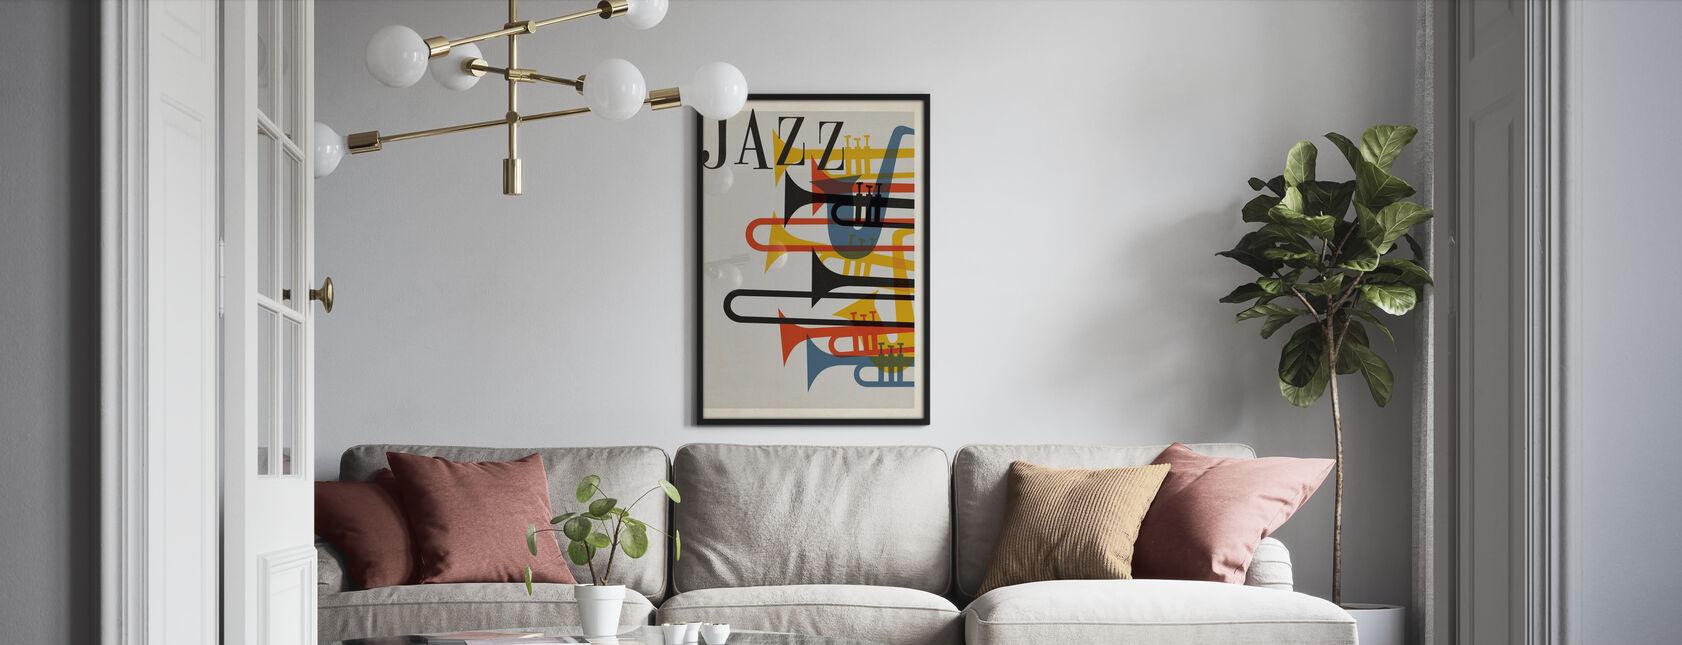 Jazzen - Plakat - Stue